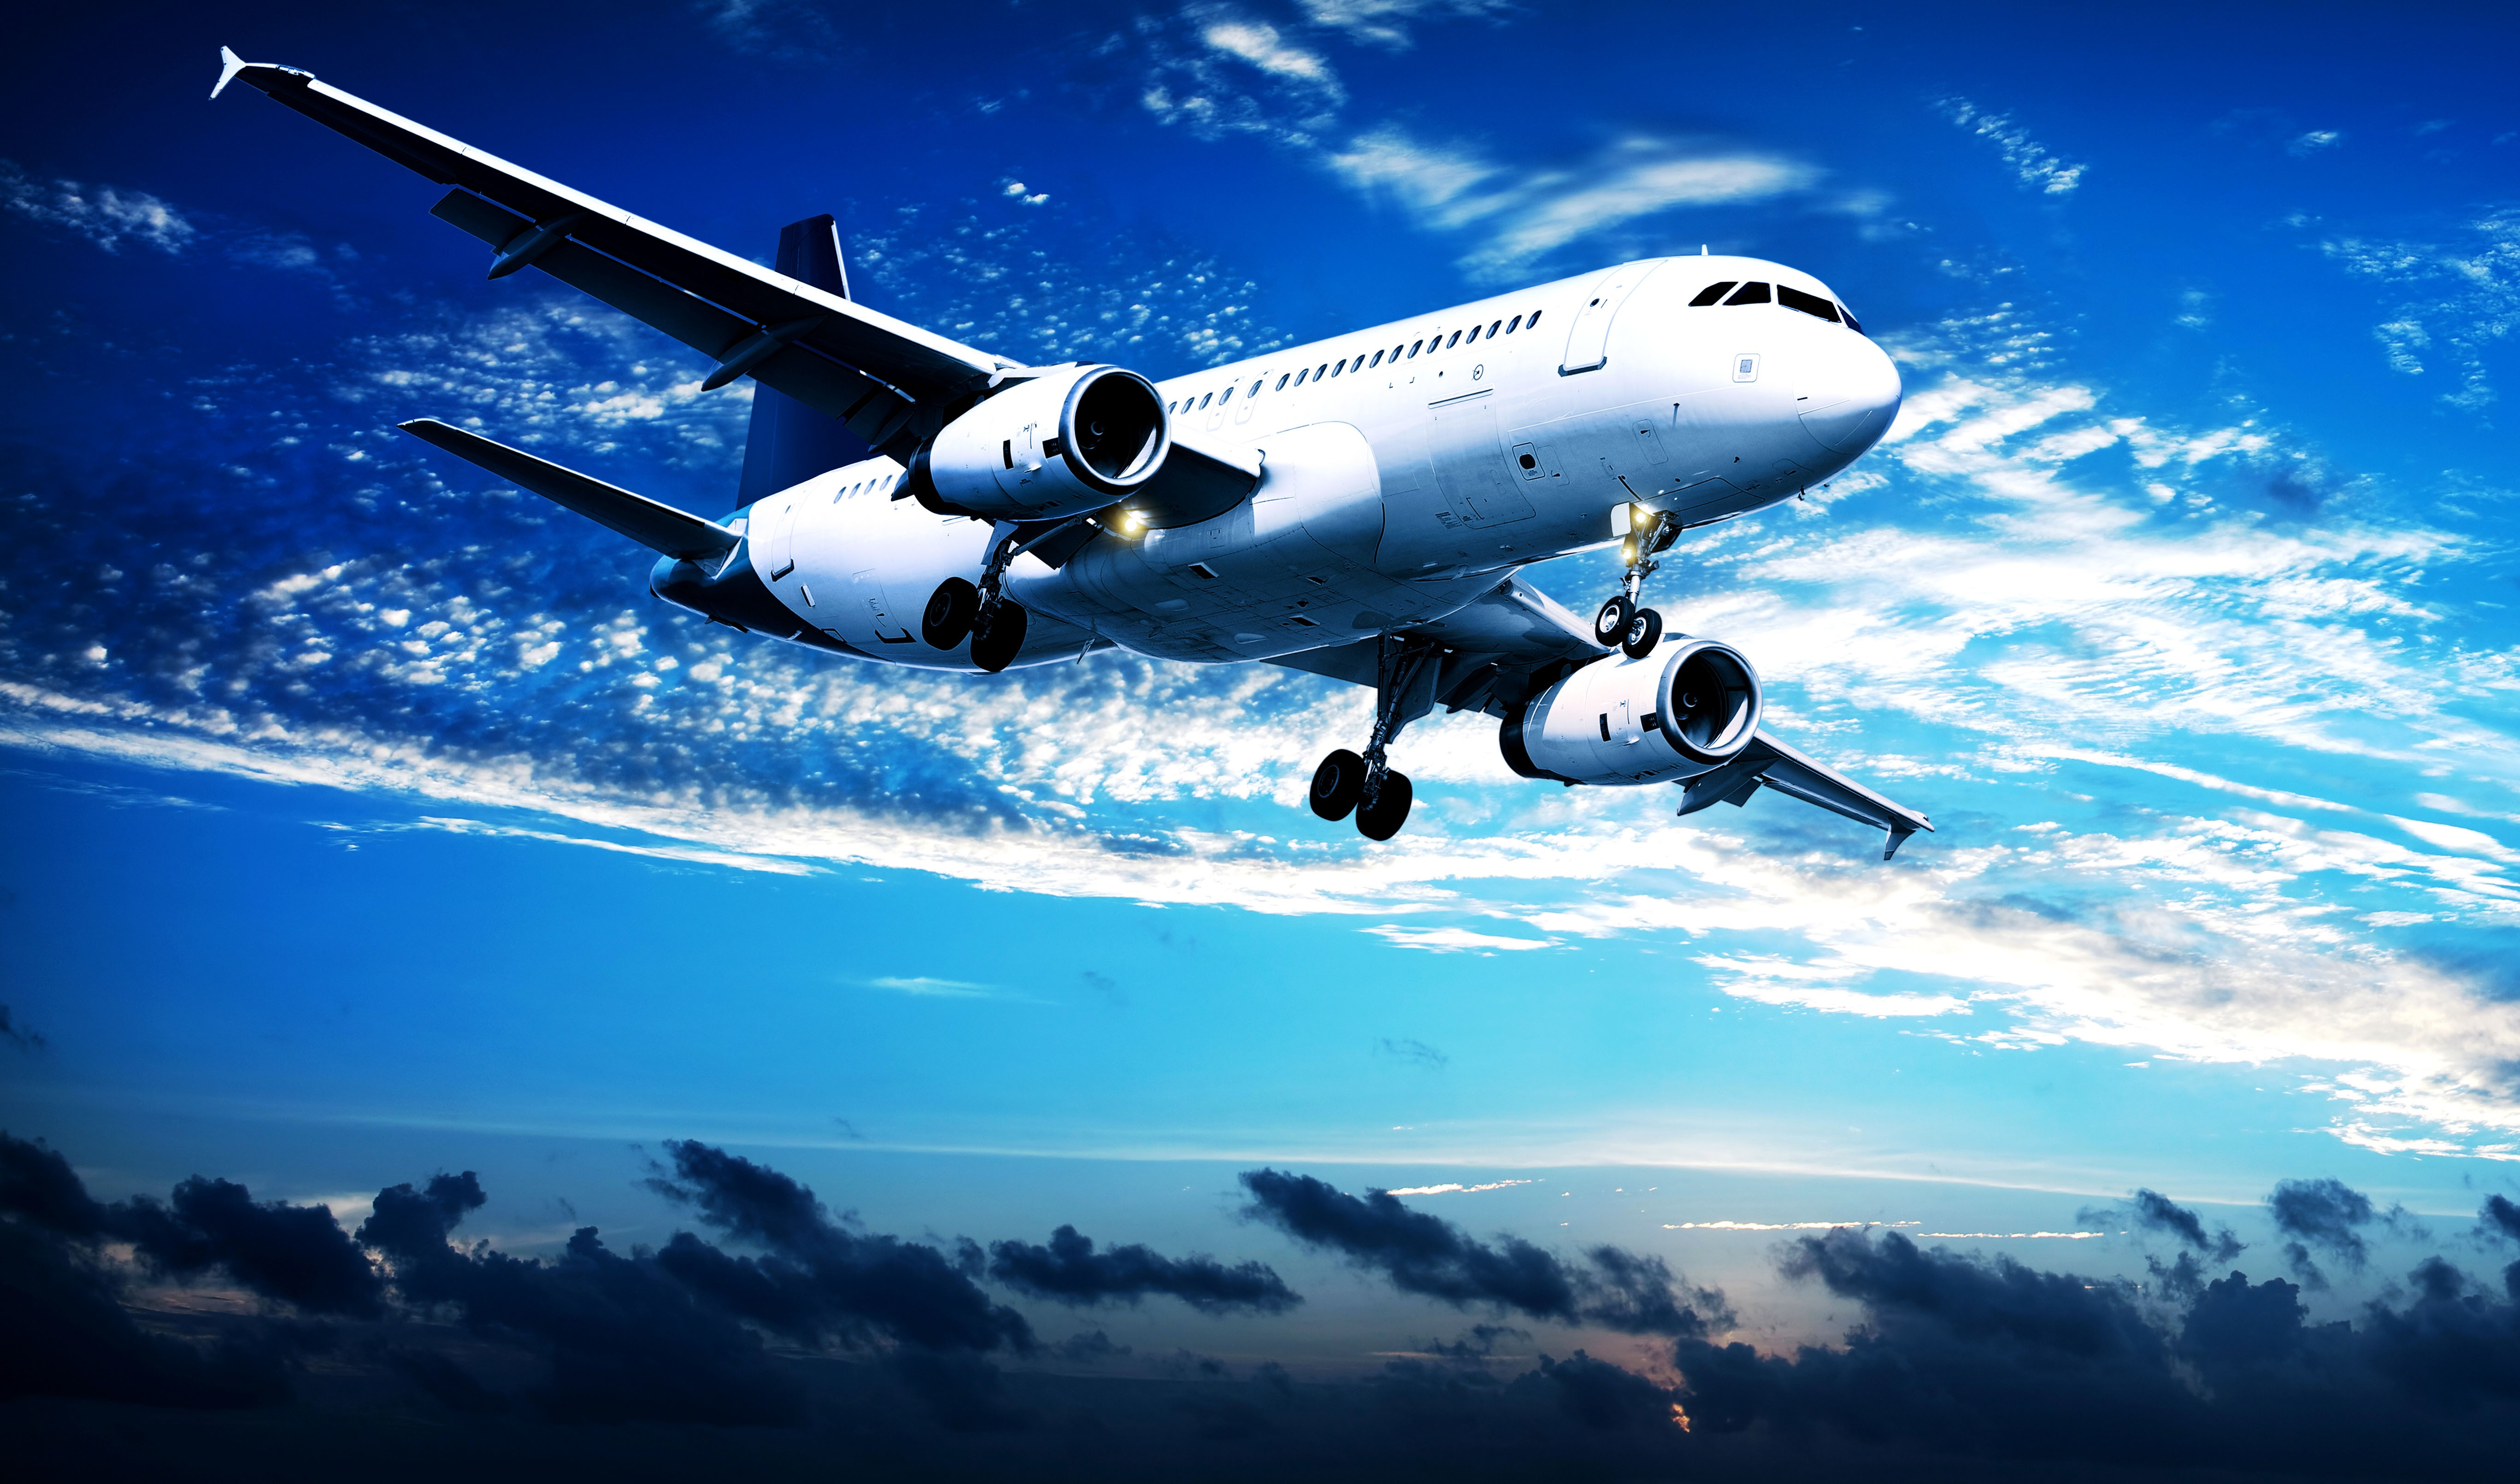 Чем чартер отличается от регулярного рейса?